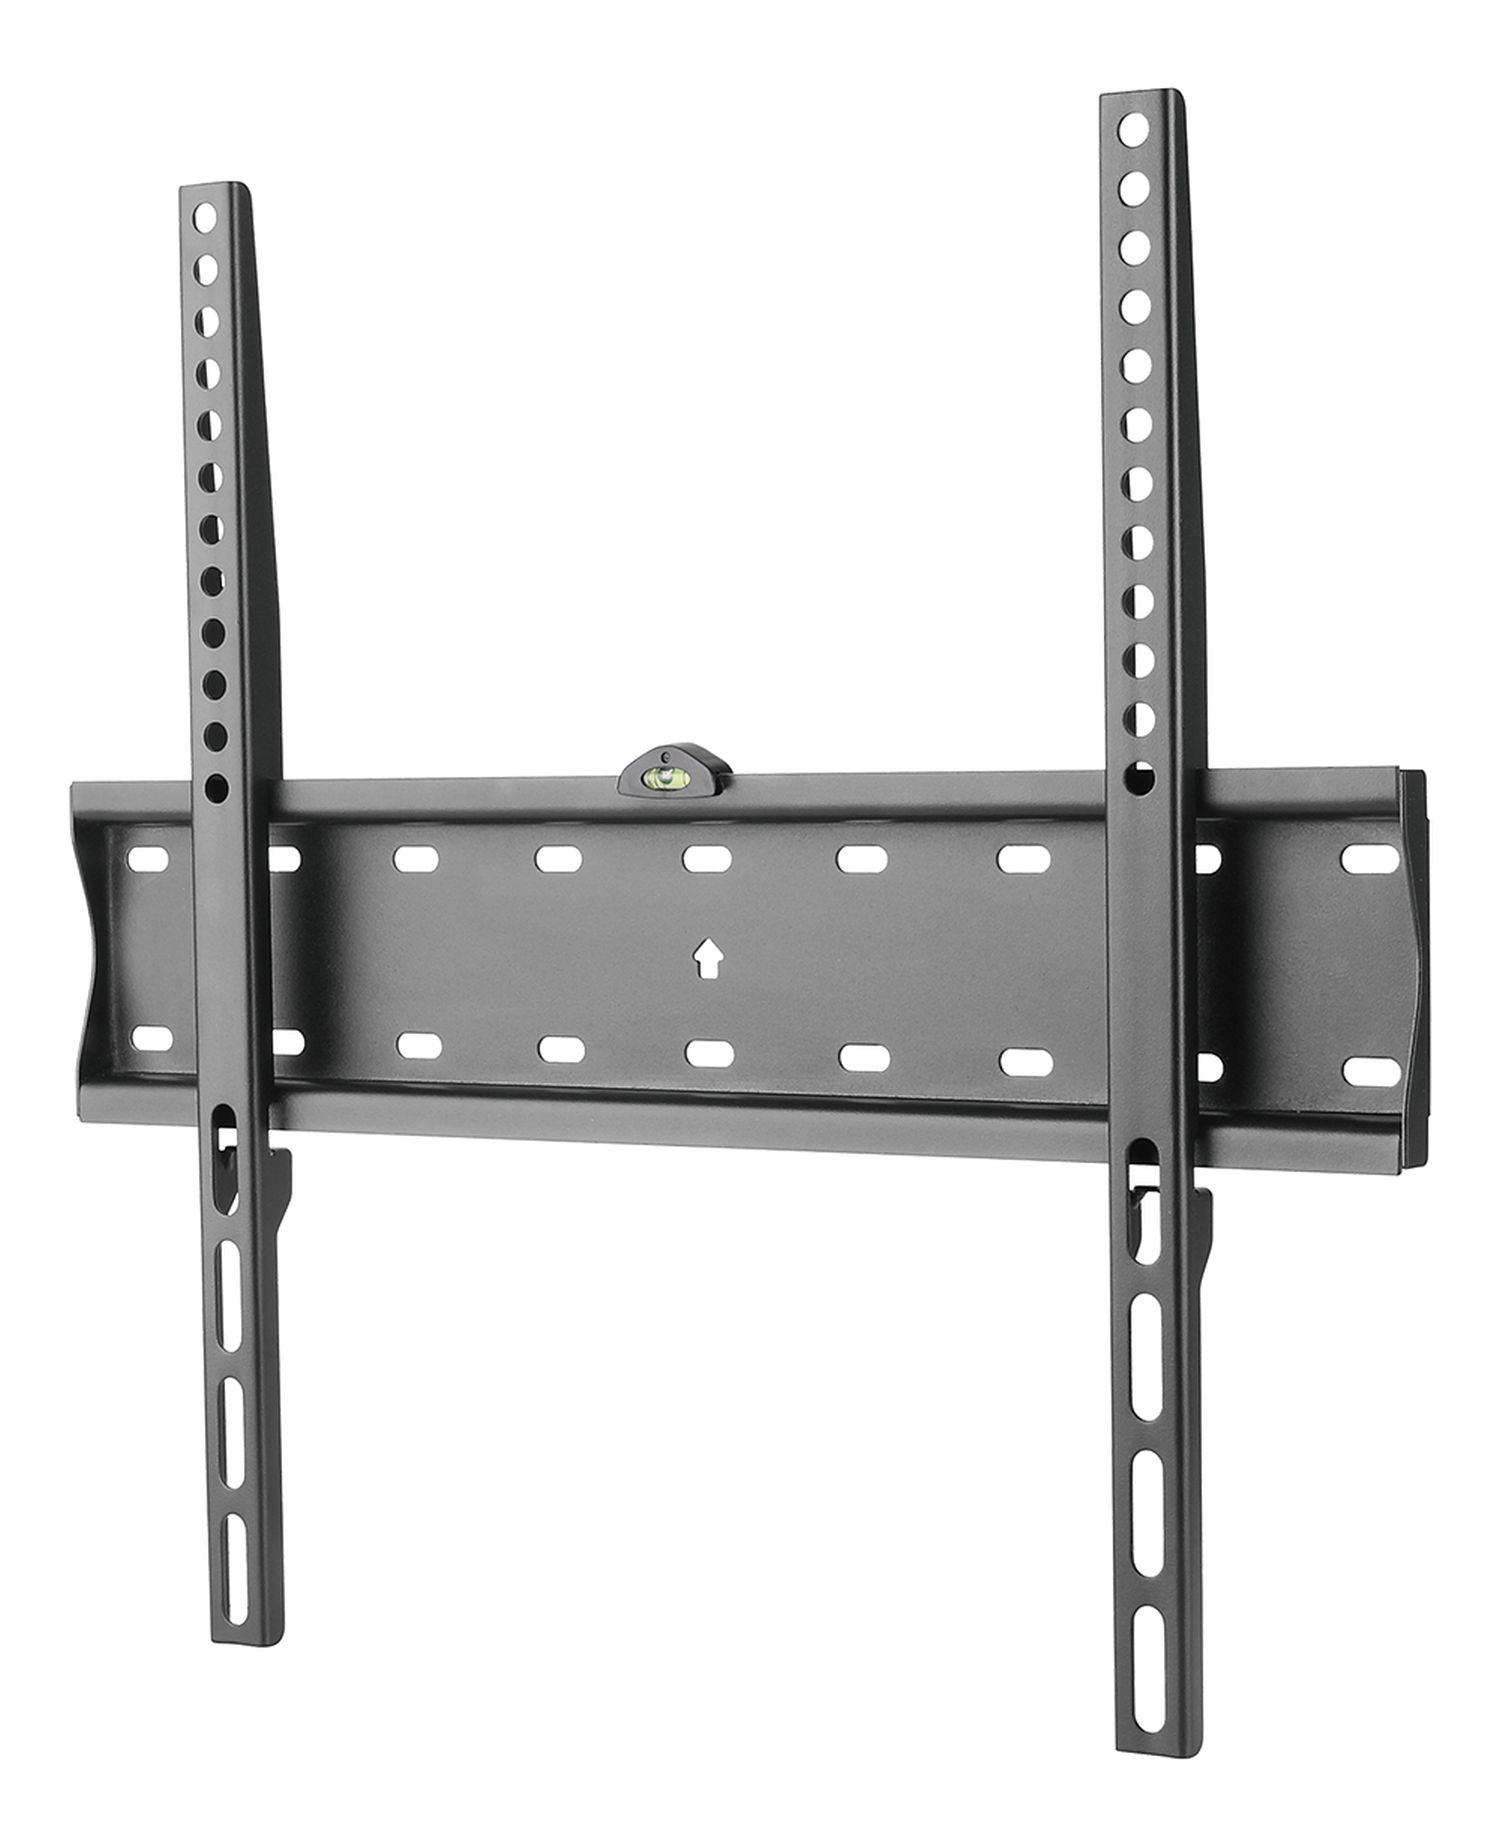 Deltaco ARM-1100 Wandhalterung fest, für TV/Monitor 32-55 Zoll